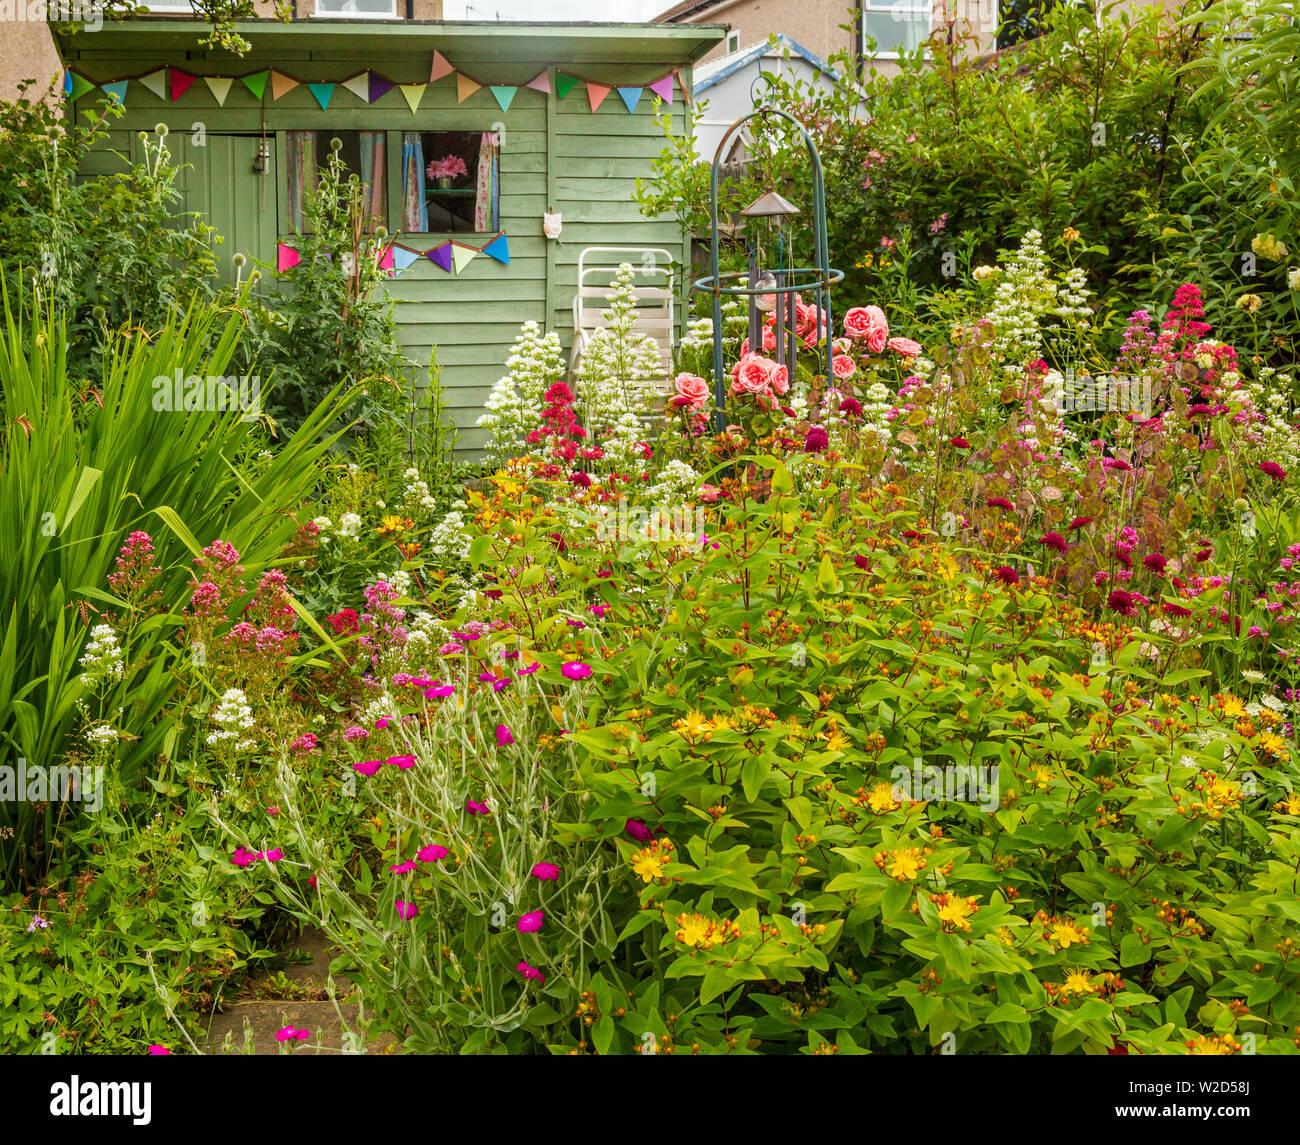 Englischer Gartenschuppen Stockfotos und bilder Kaufen Alamy